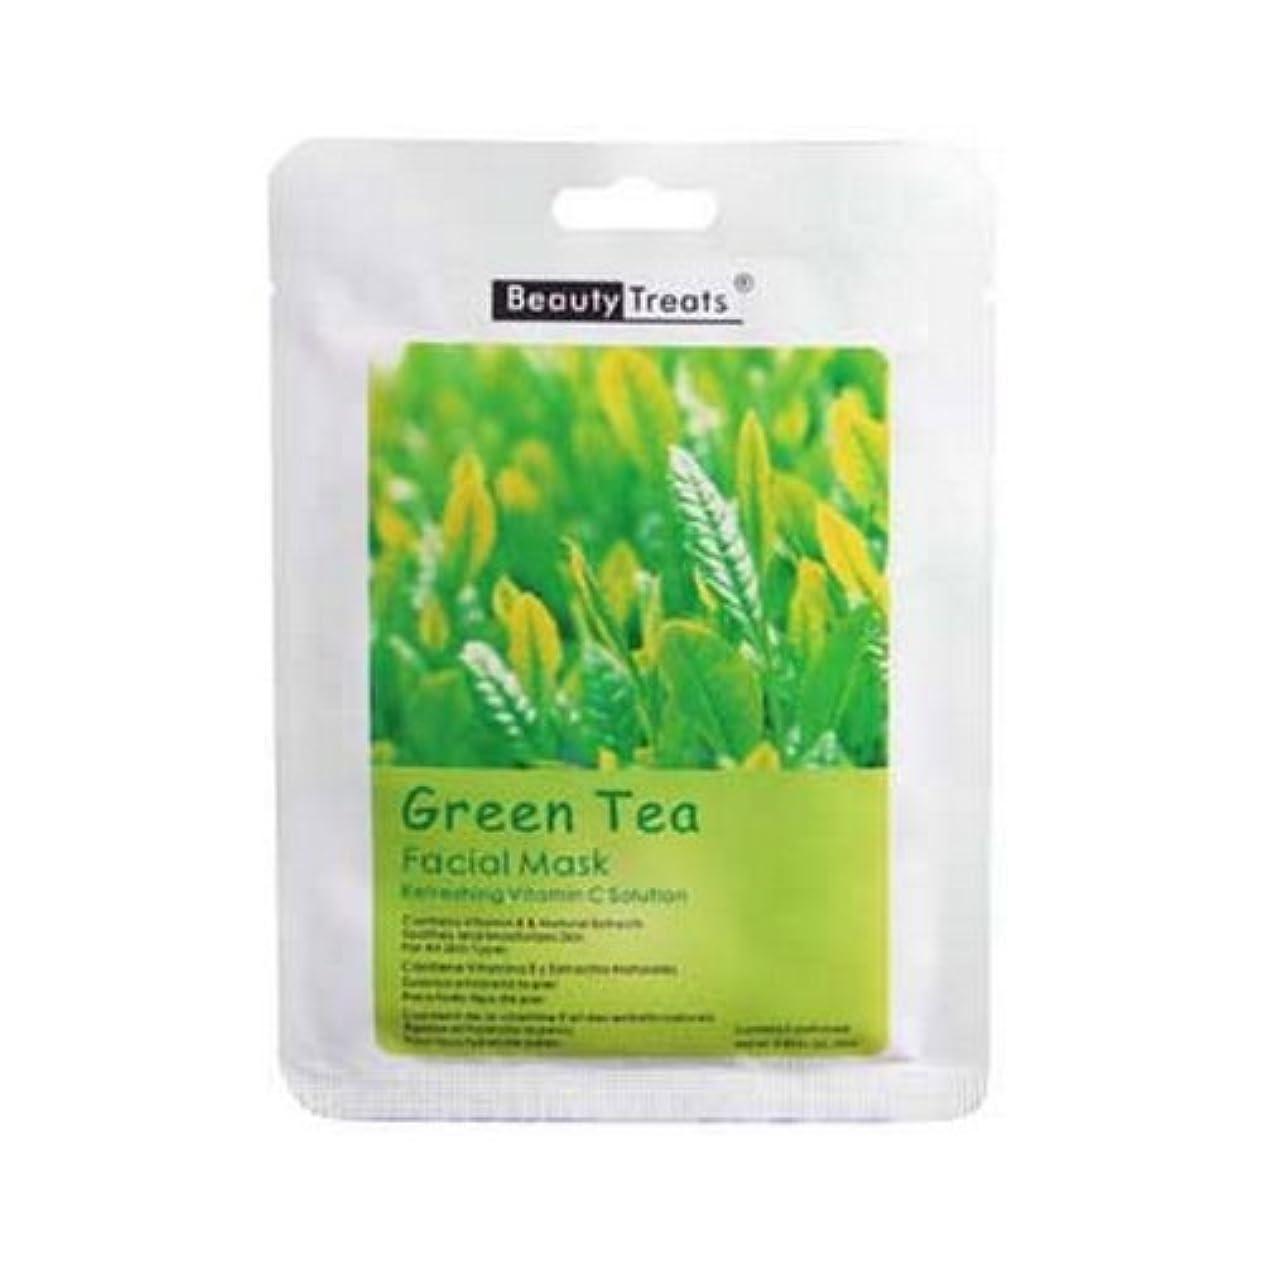 細心の受動的プレフィックス(6 Pack) BEAUTY TREATS Facial Mask Refreshing Vitamin C Solution - Green Tea (並行輸入品)